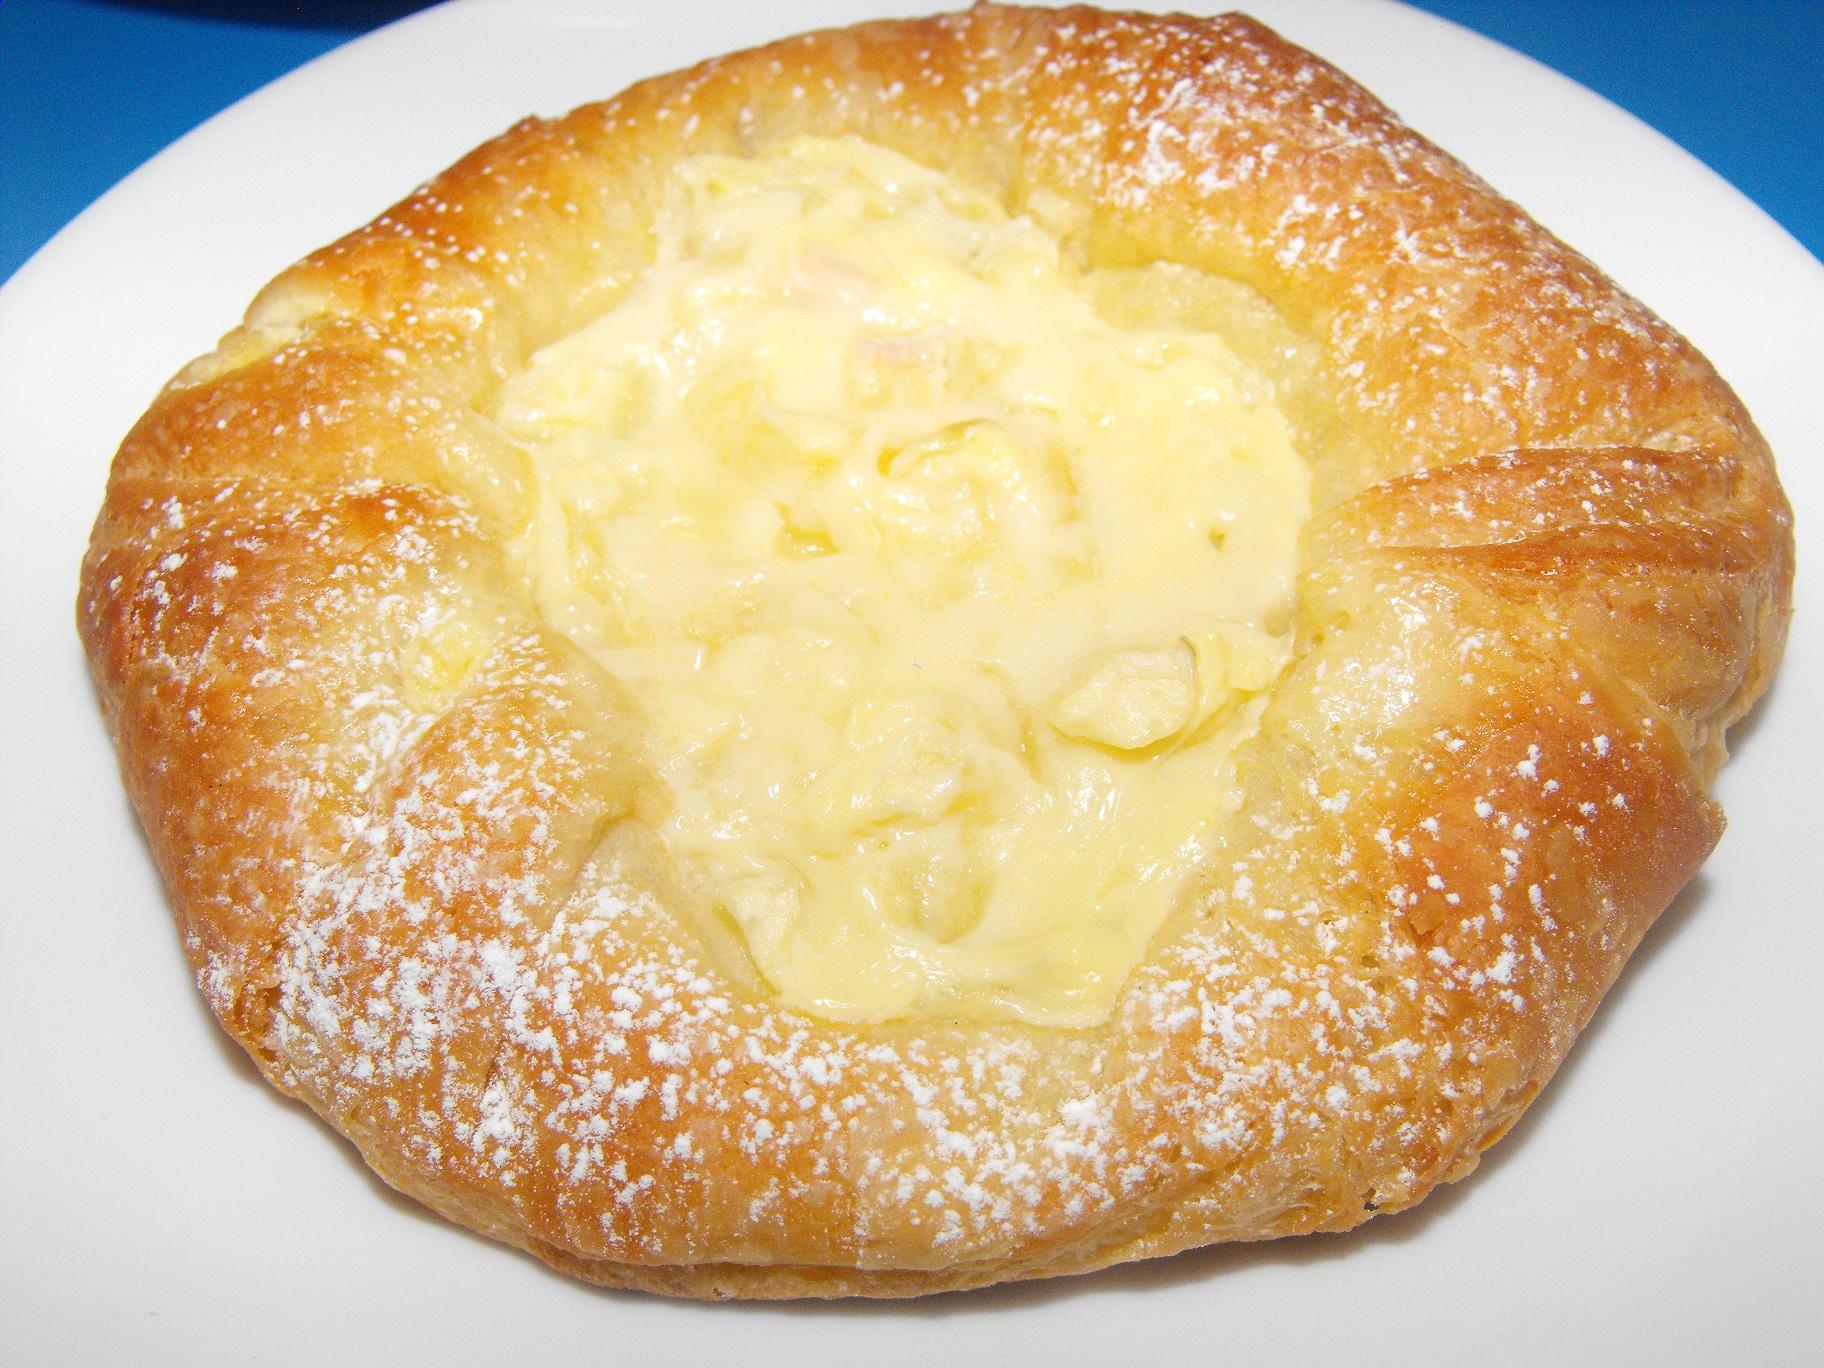 http://foodloader.net/cutie_2011-03-06_Cobs_Bread_Apple_Custard.jpg